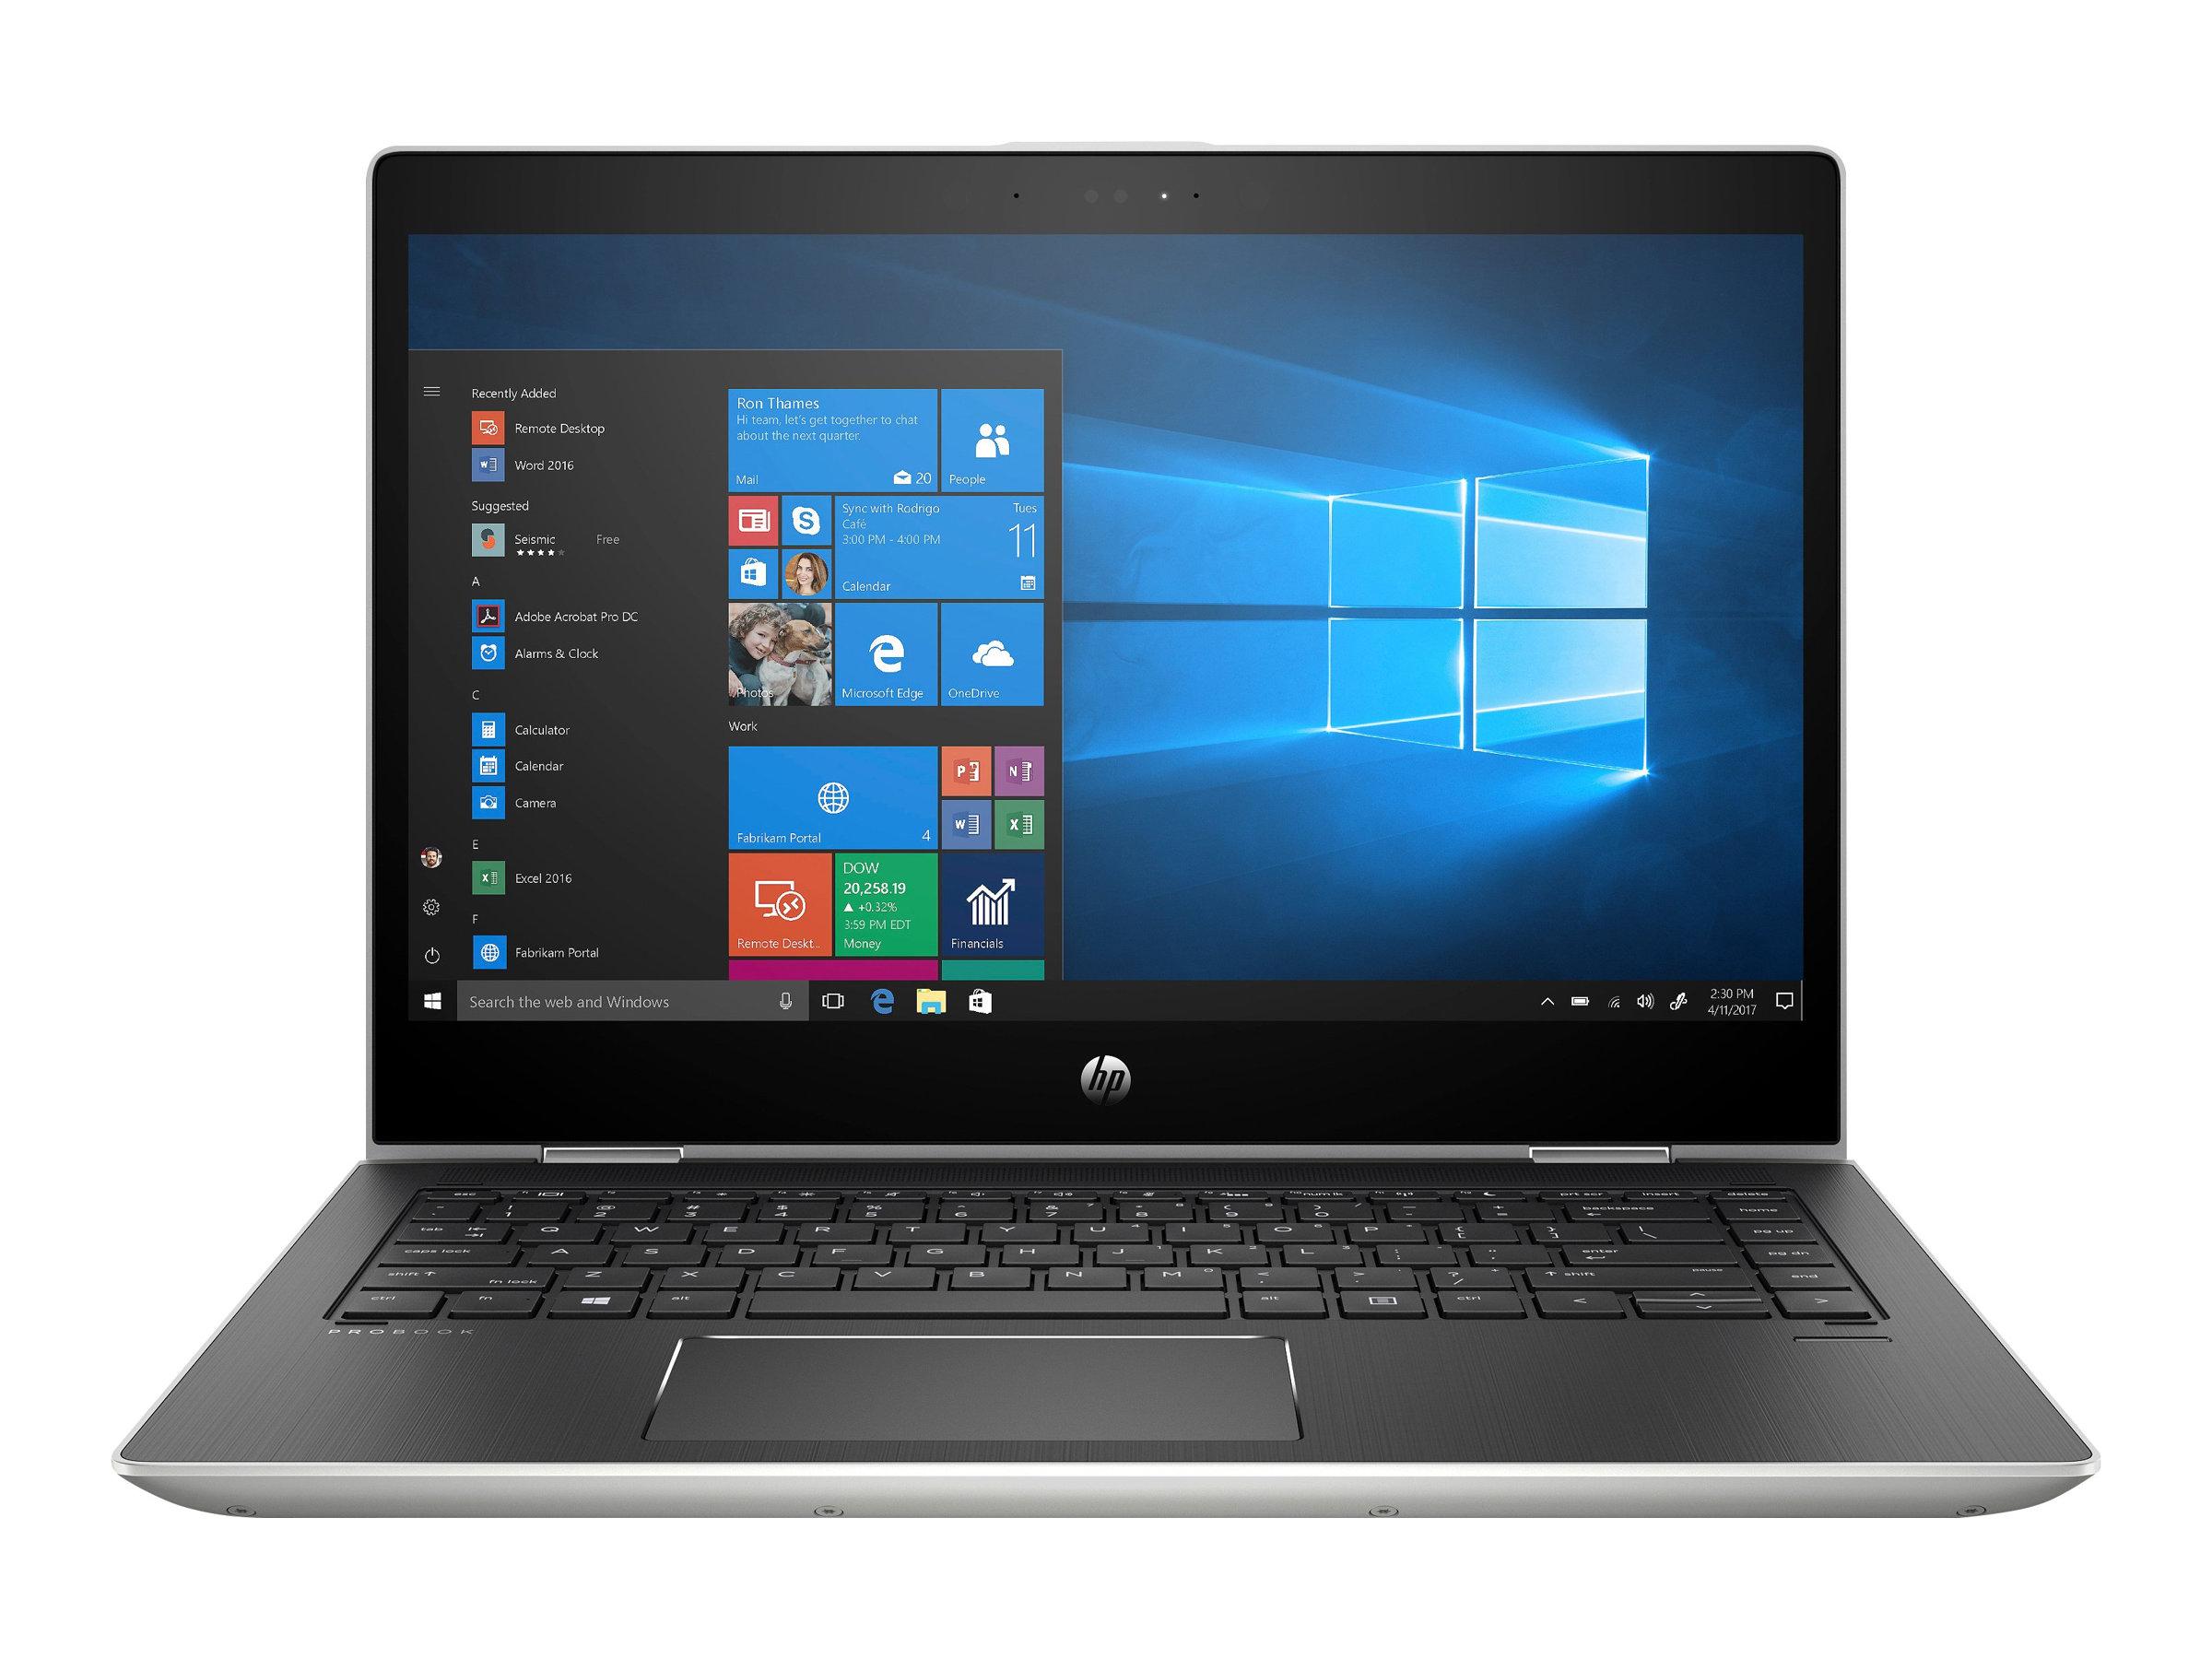 Hp probook x360 440 g1 flip design core i5 8250u 1 6 ghz win 10 pro 64 bit 16 gb ram 256 gb ssd 9249783 4qw49es abd